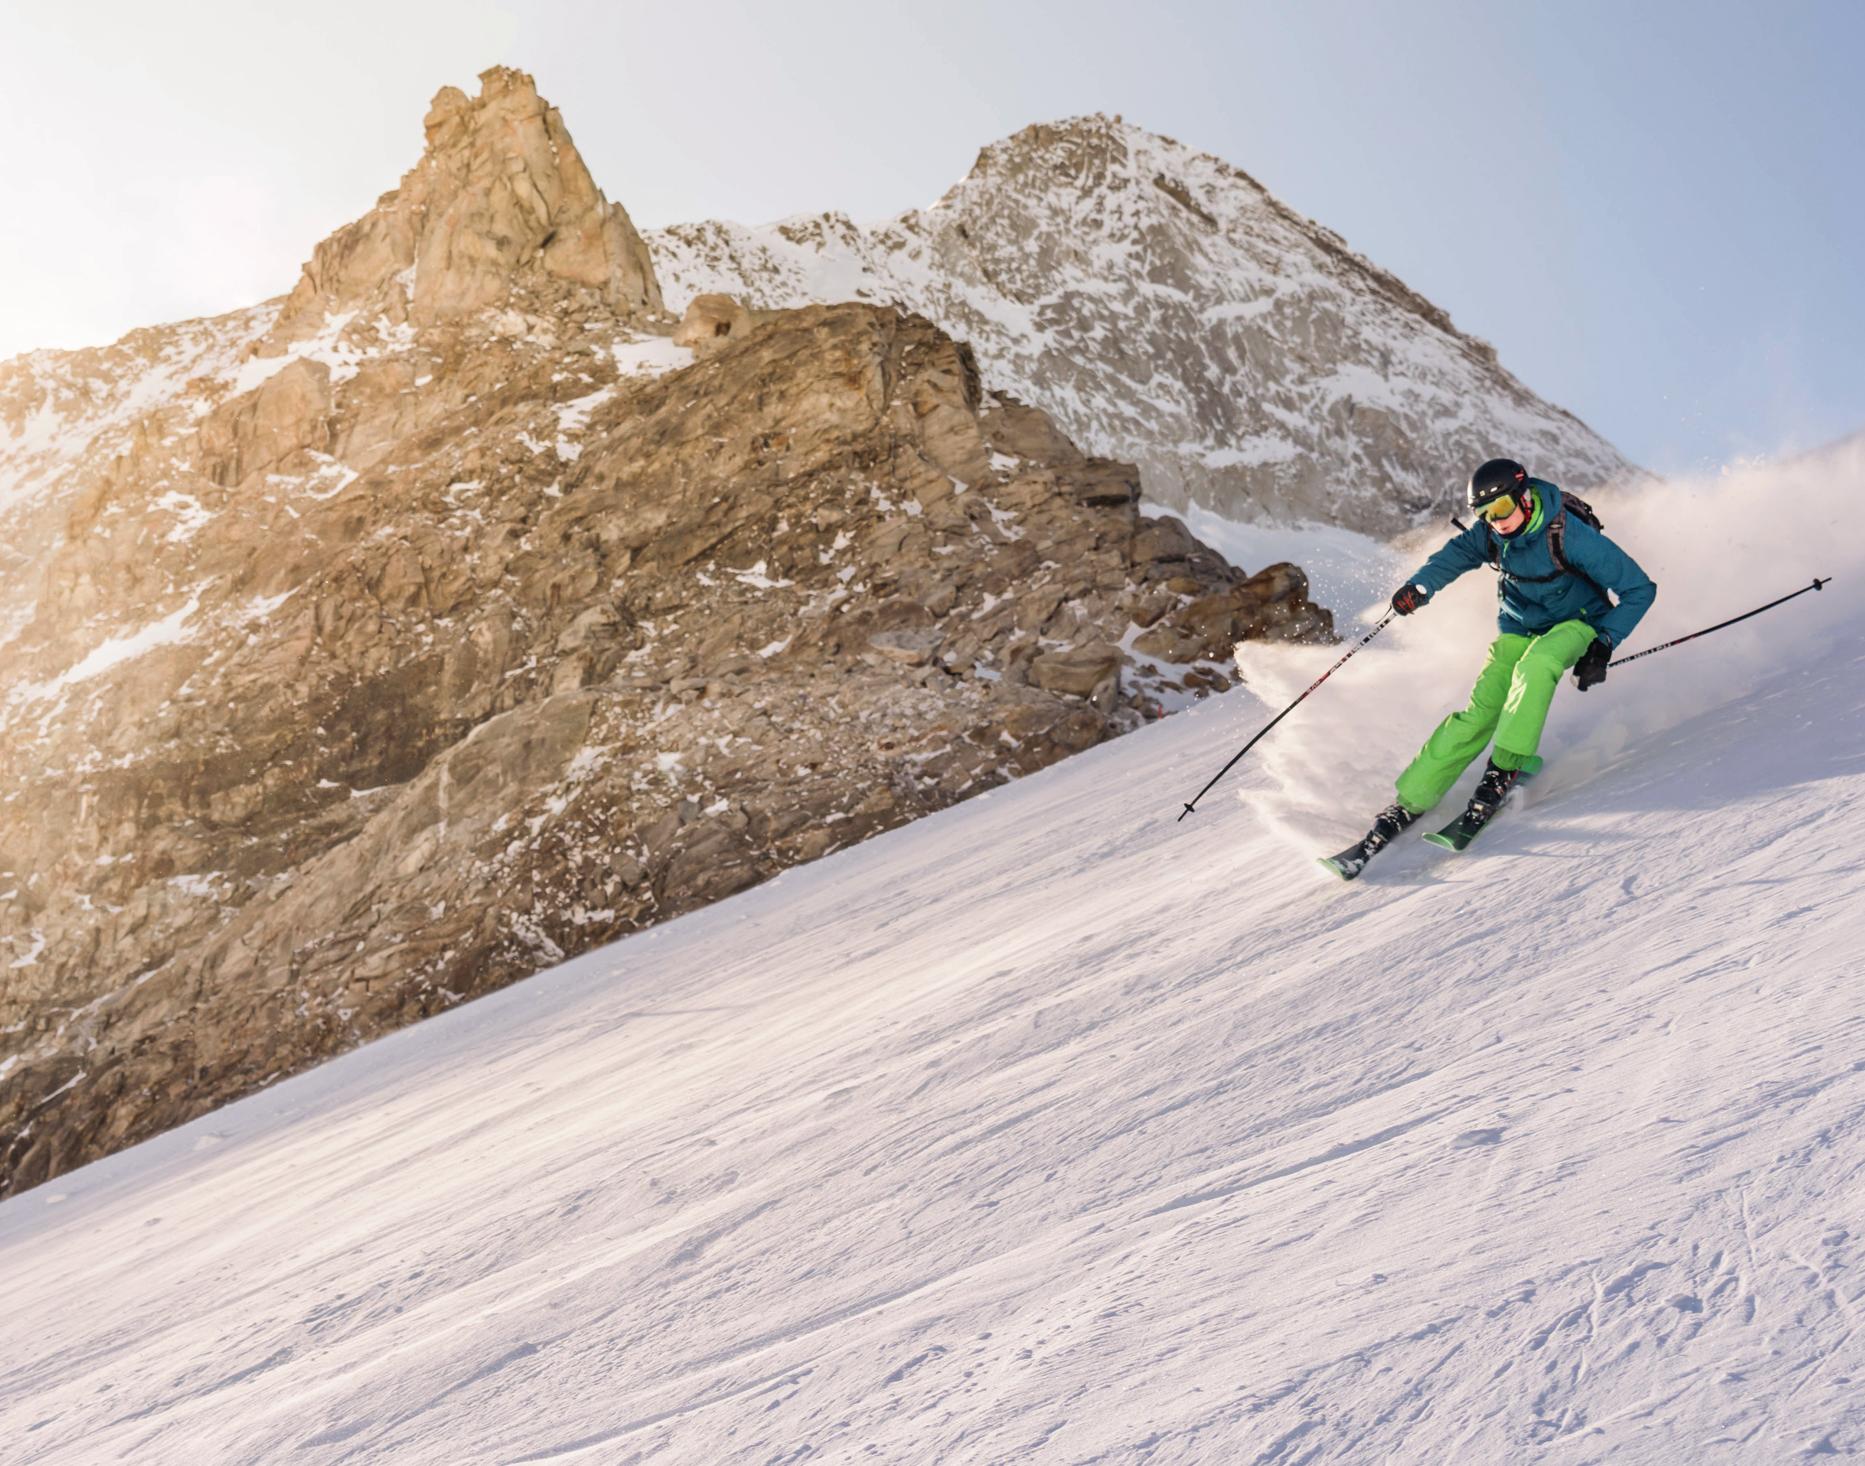 Aktivurlaub im Schnee Gerlos